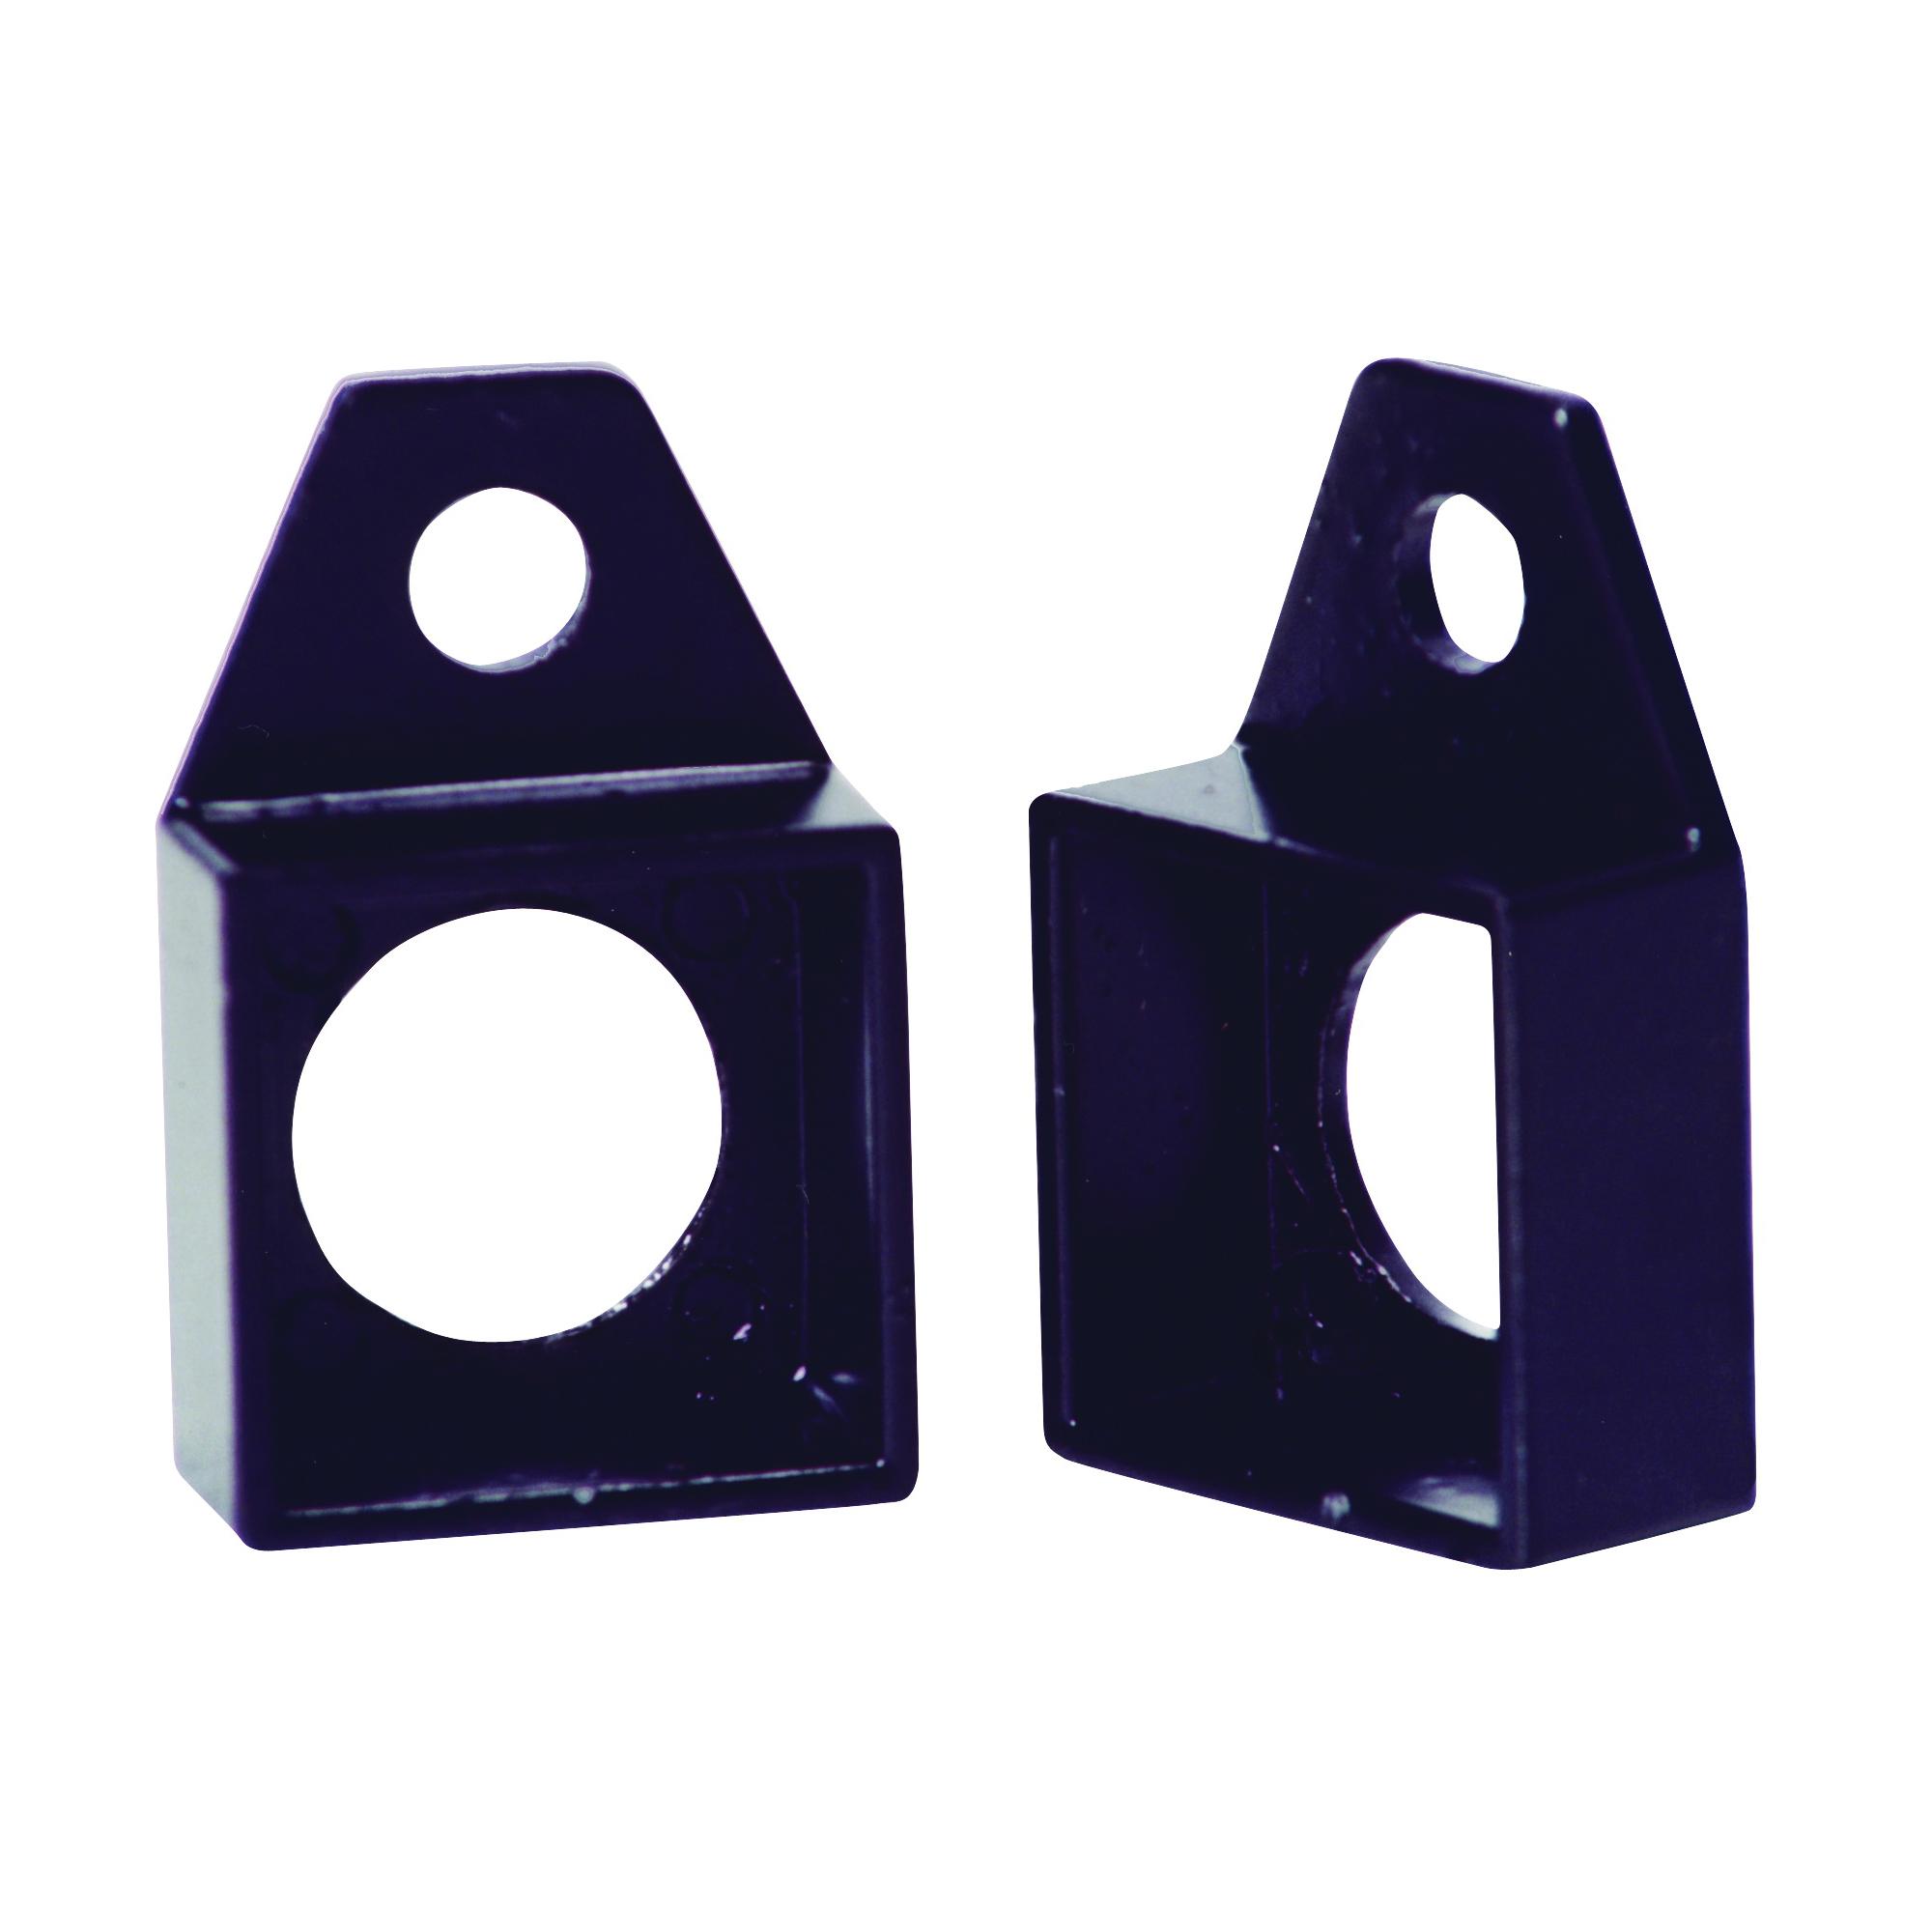 Picture of Village Ironsmith V500 Column Socket, Steel, Black